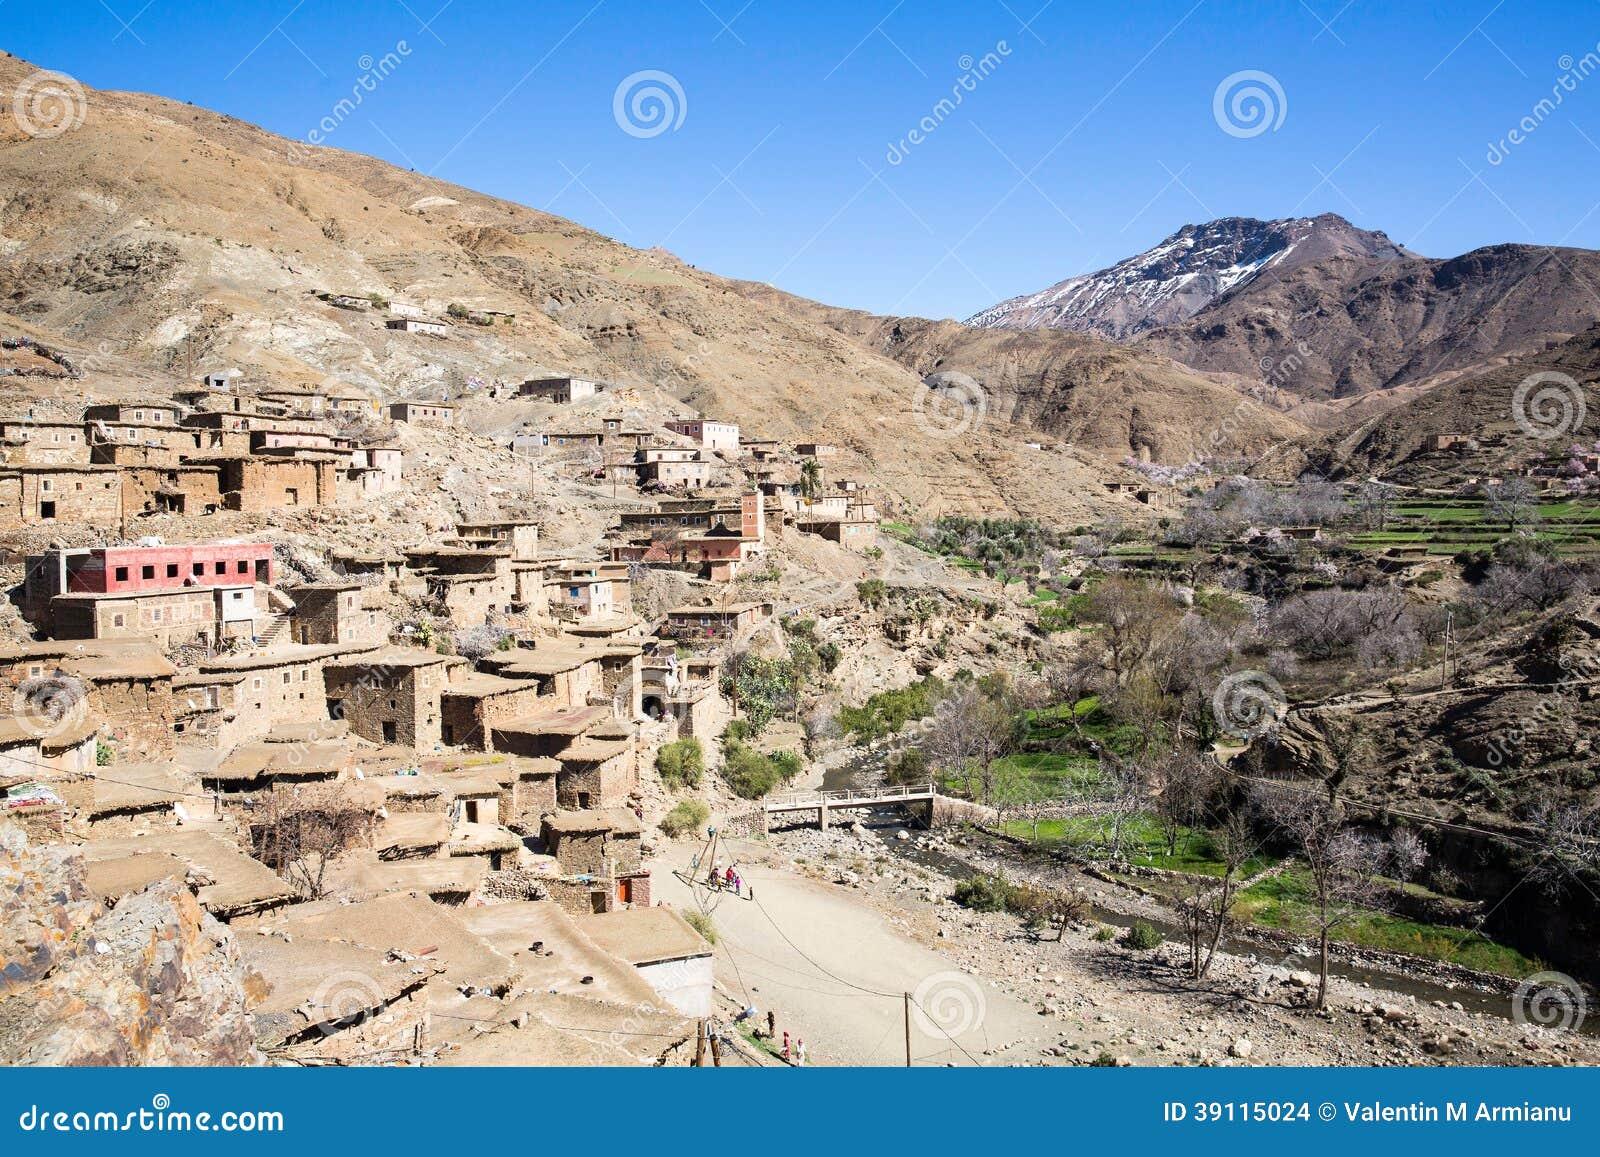 Oud dorp in de Atlasbergen